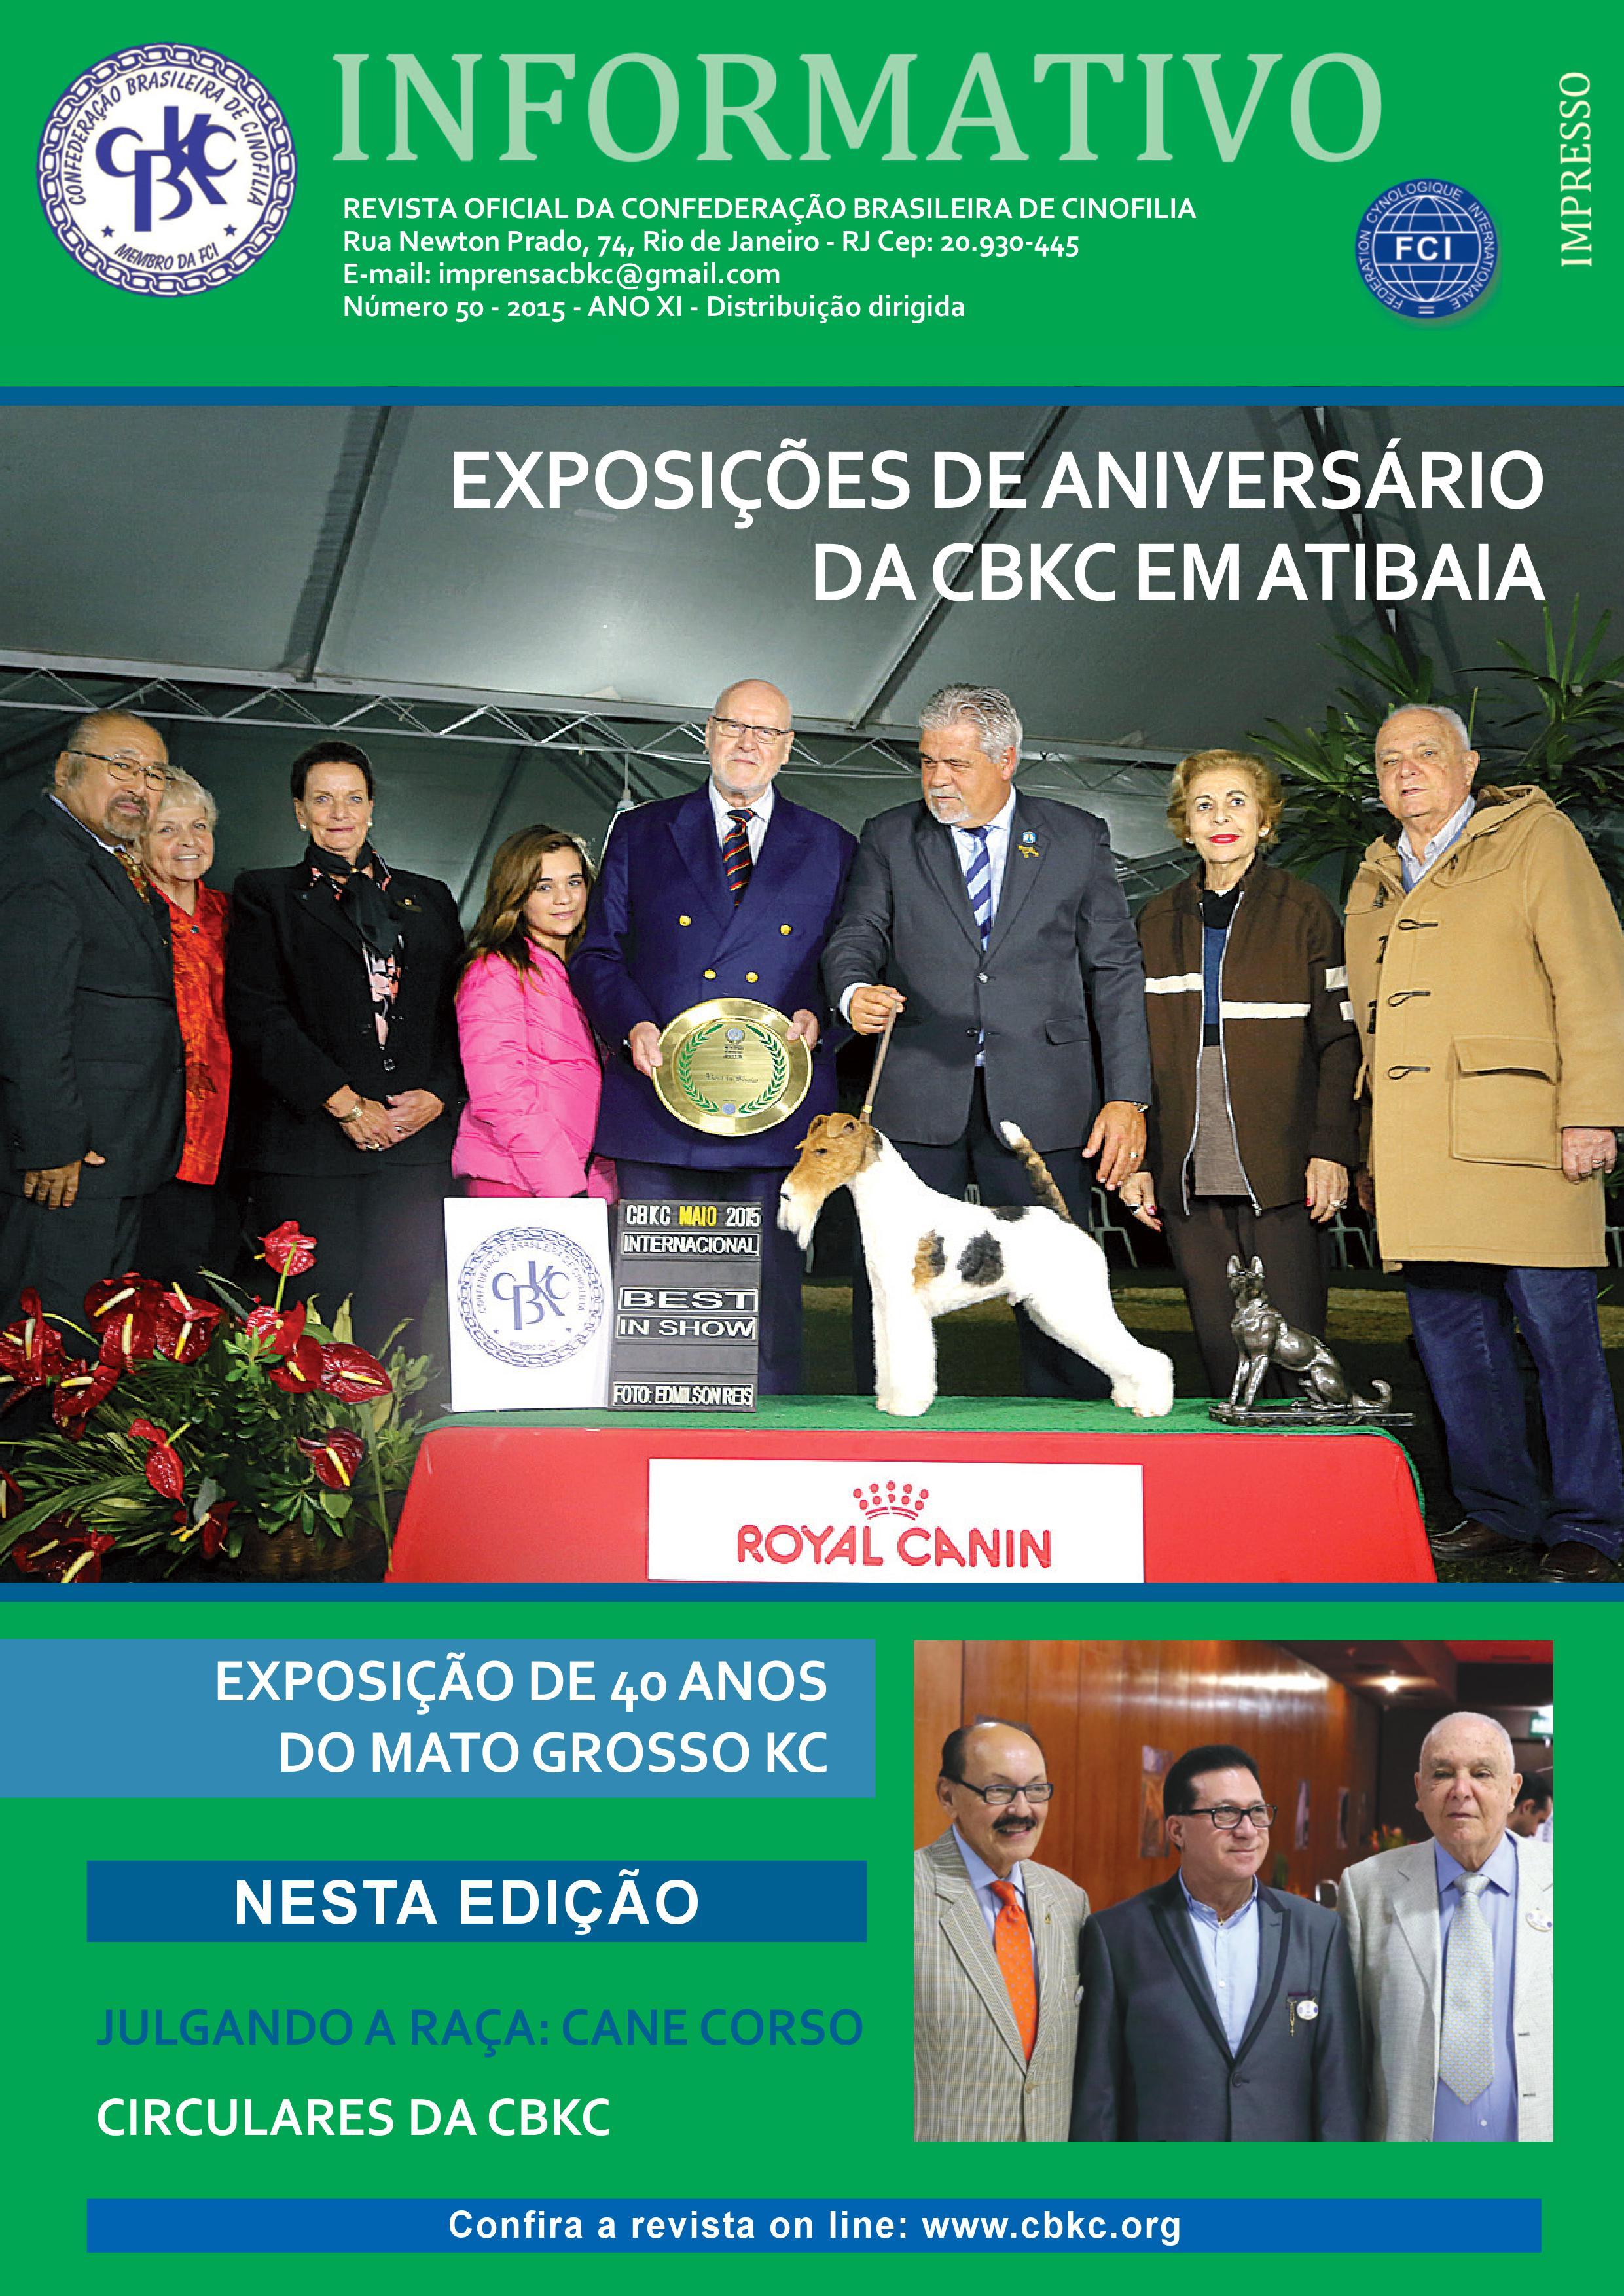 Informativo CBKC Edição 50